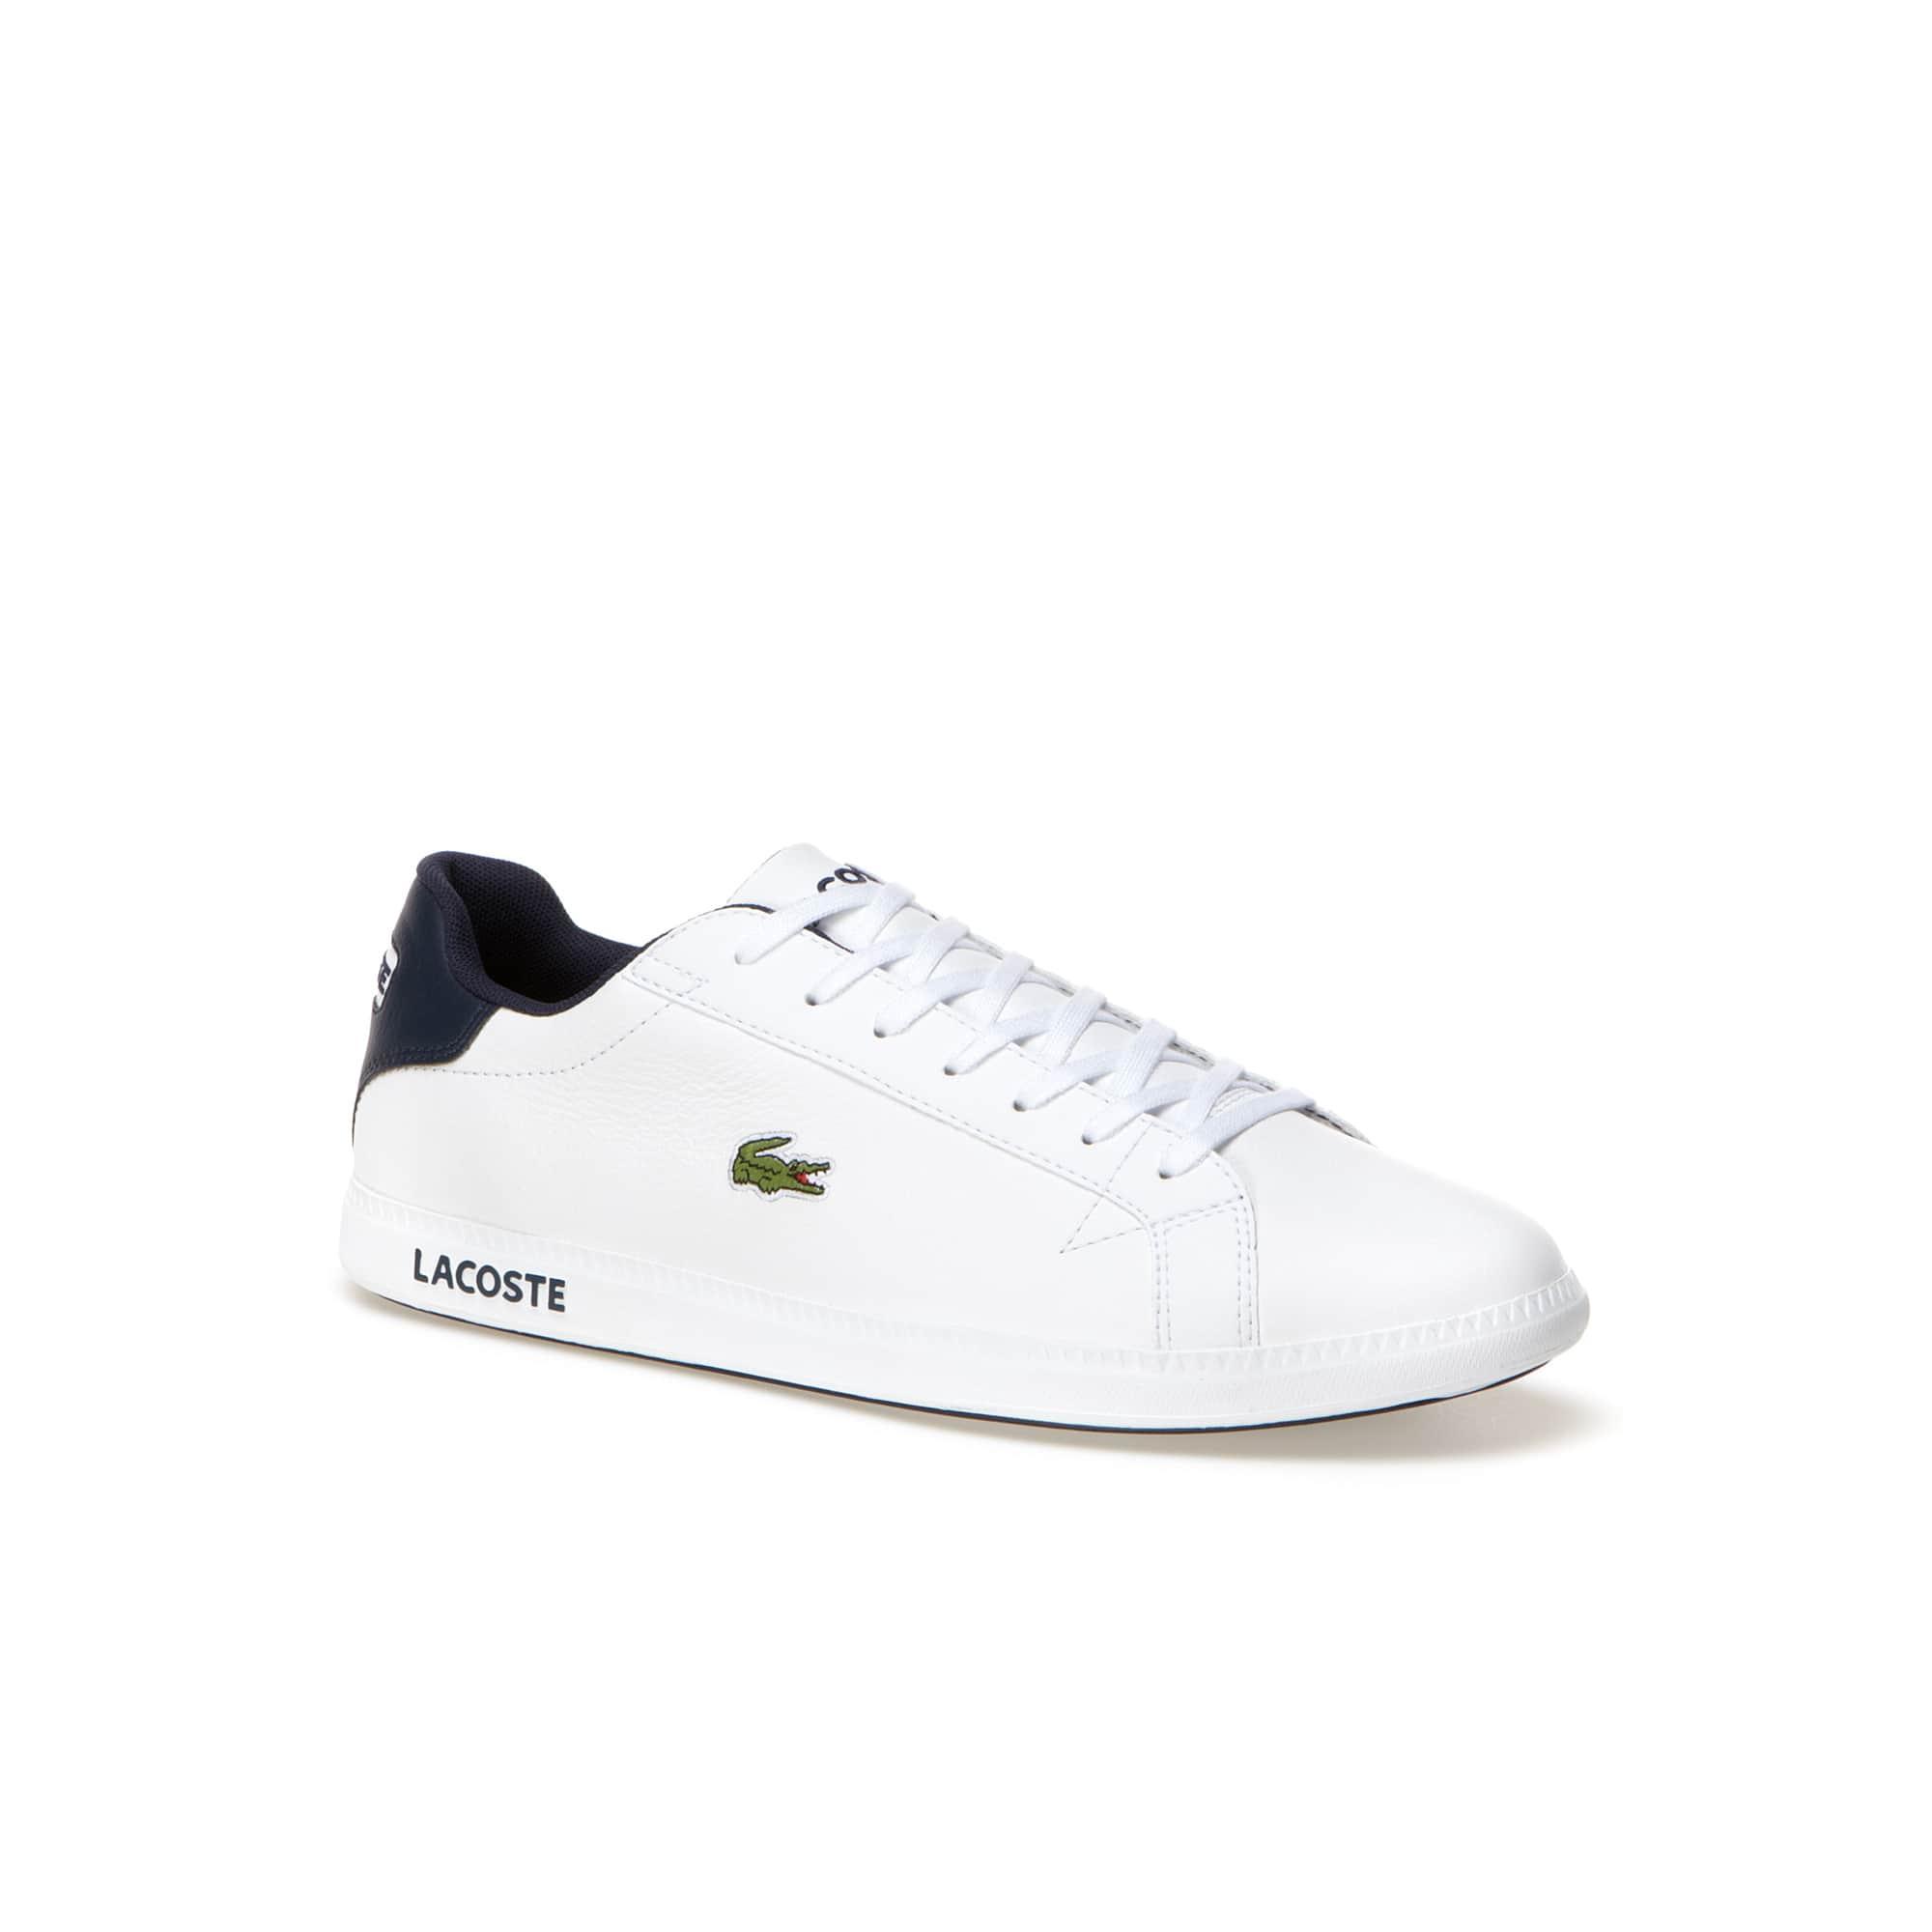 Sneakers basse Graduate in pelle con suola marchiata Lacoste